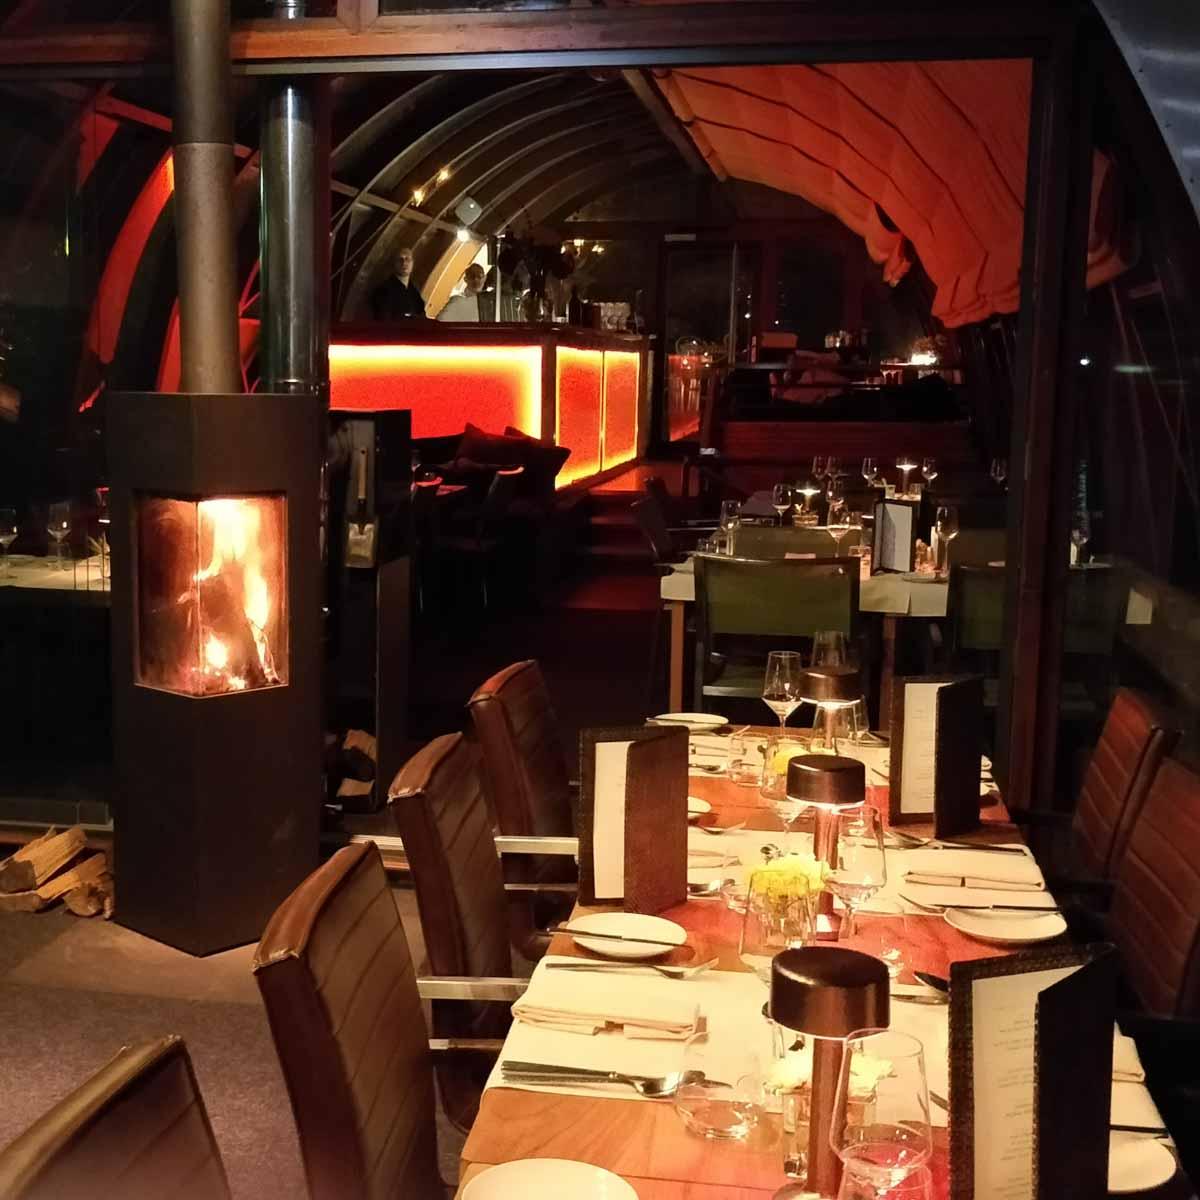 Restaurant-Schiff Patio in Berlin-Moabit-2